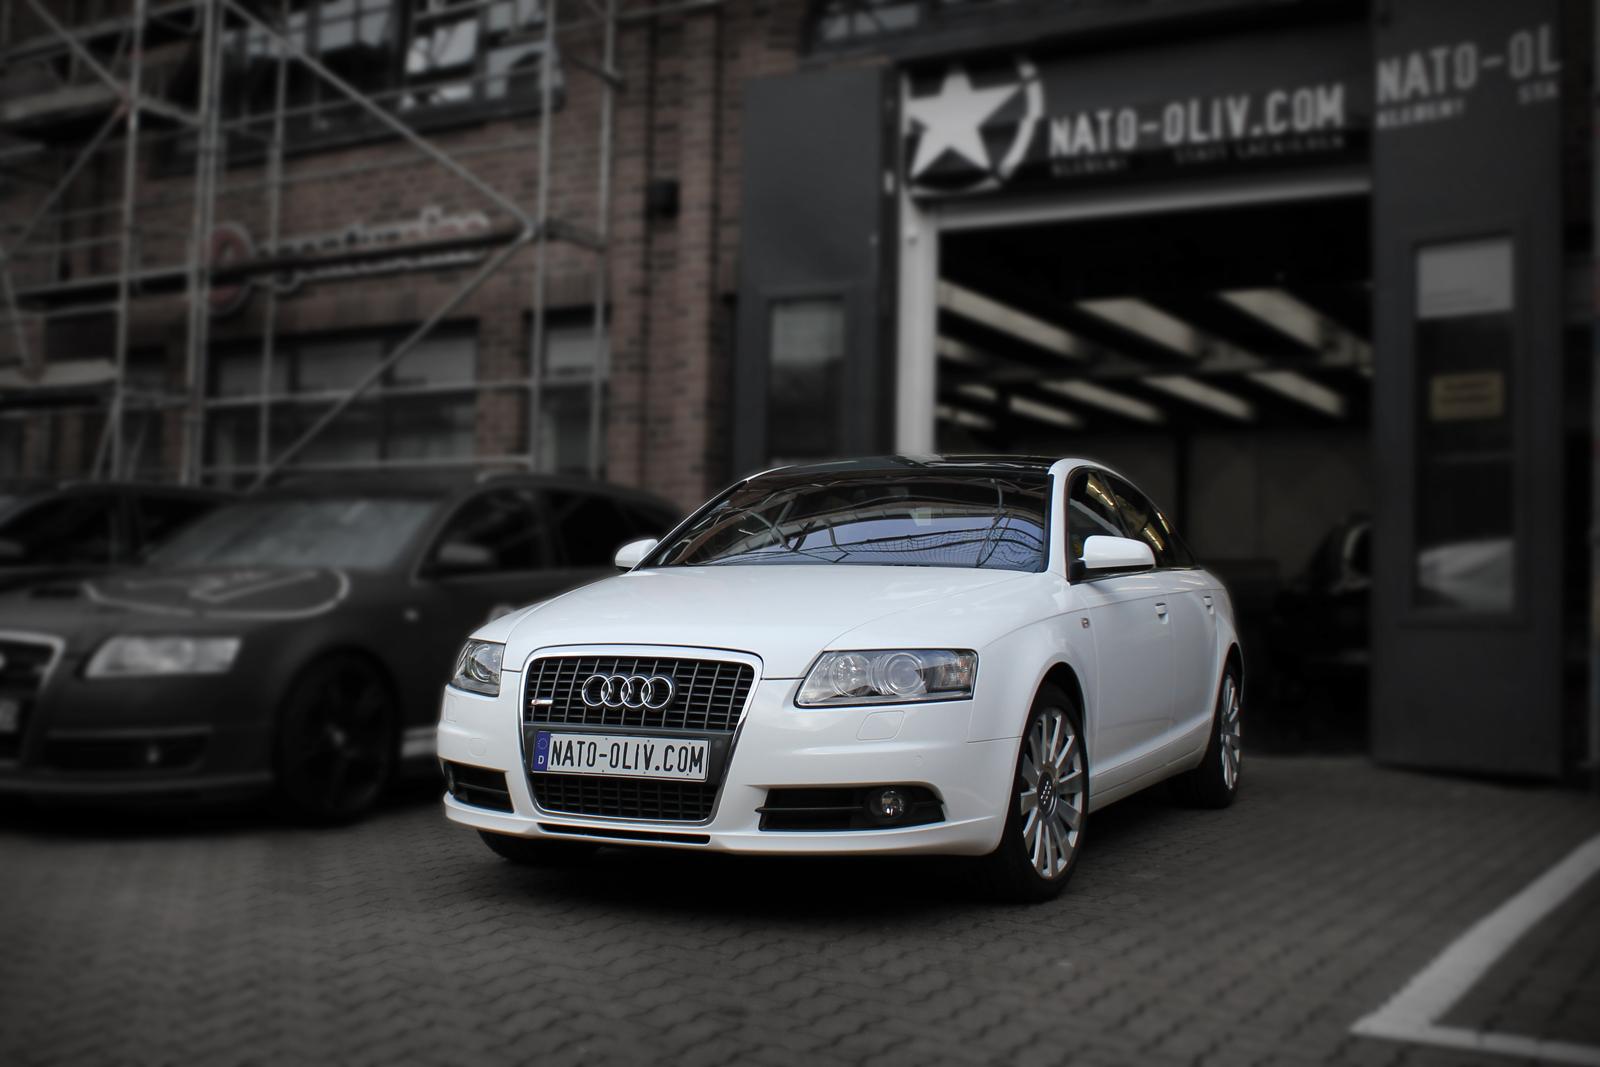 Schraege Frontalansicht des mit Folie beklebten Audi A6 in glaenzendem weiss